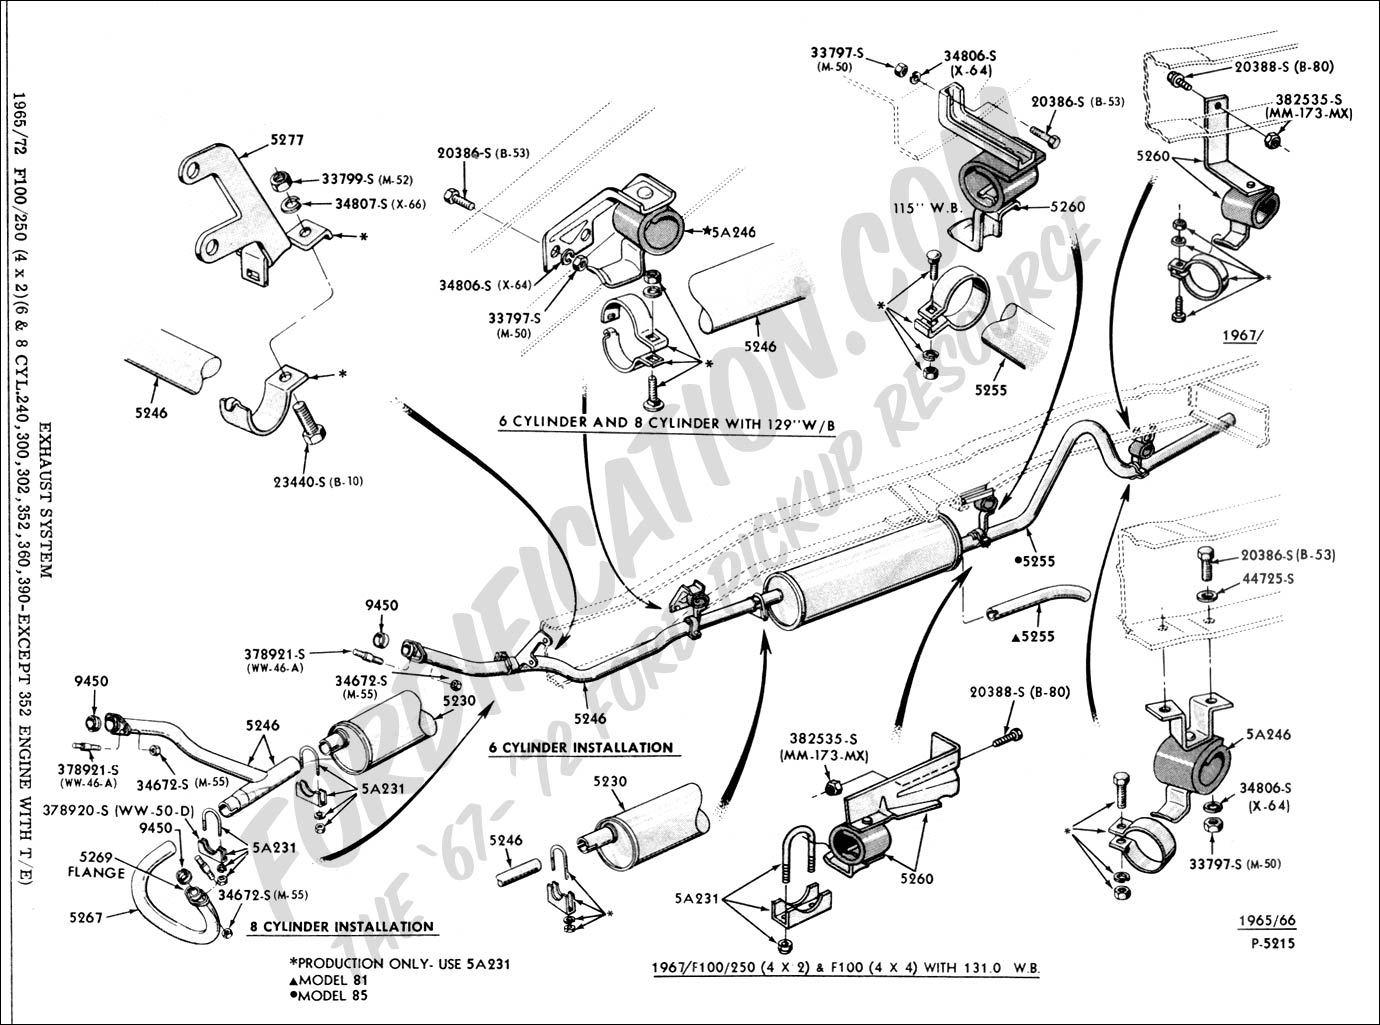 1985 ford f150 wiring diagram br 4843  ford f 150 fuel system diagram ford free engine image for  br 4843  ford f 150 fuel system diagram